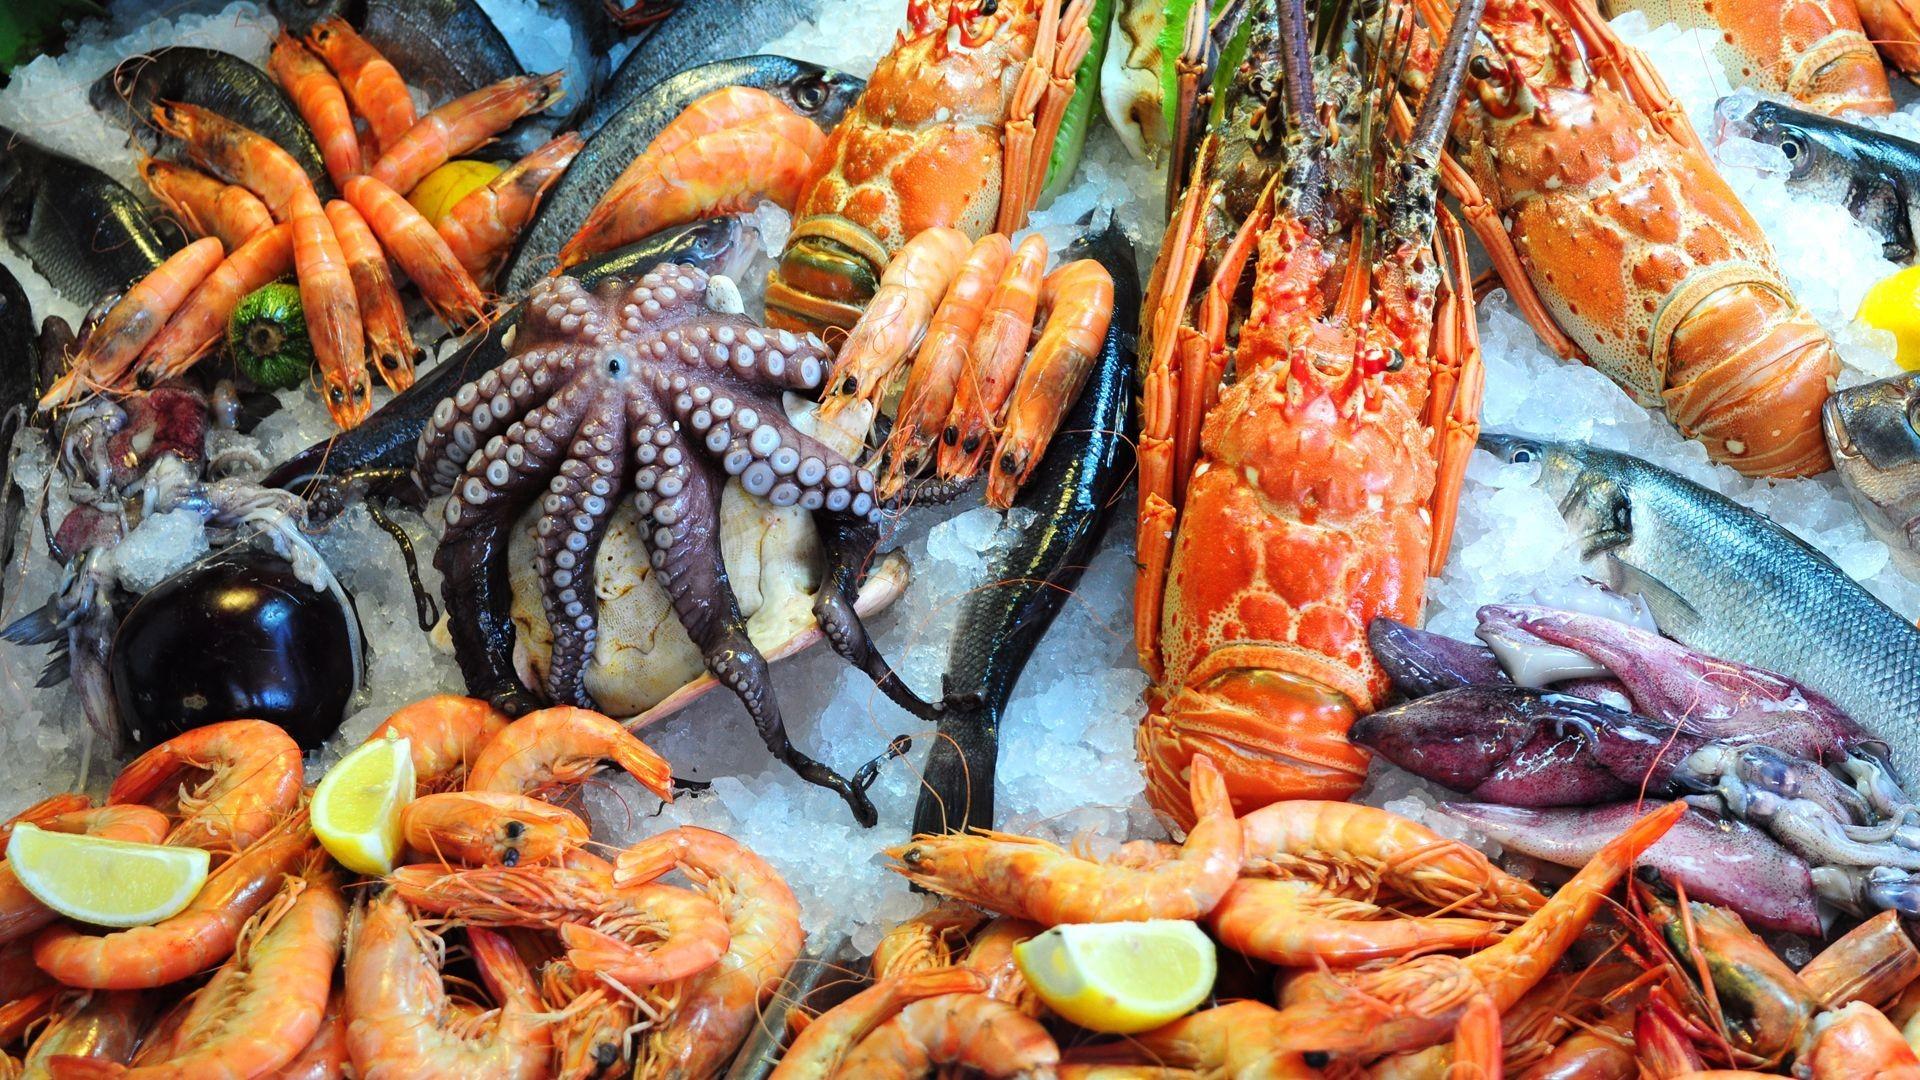 Venta de pescado y mariscos al por mayor en Noia